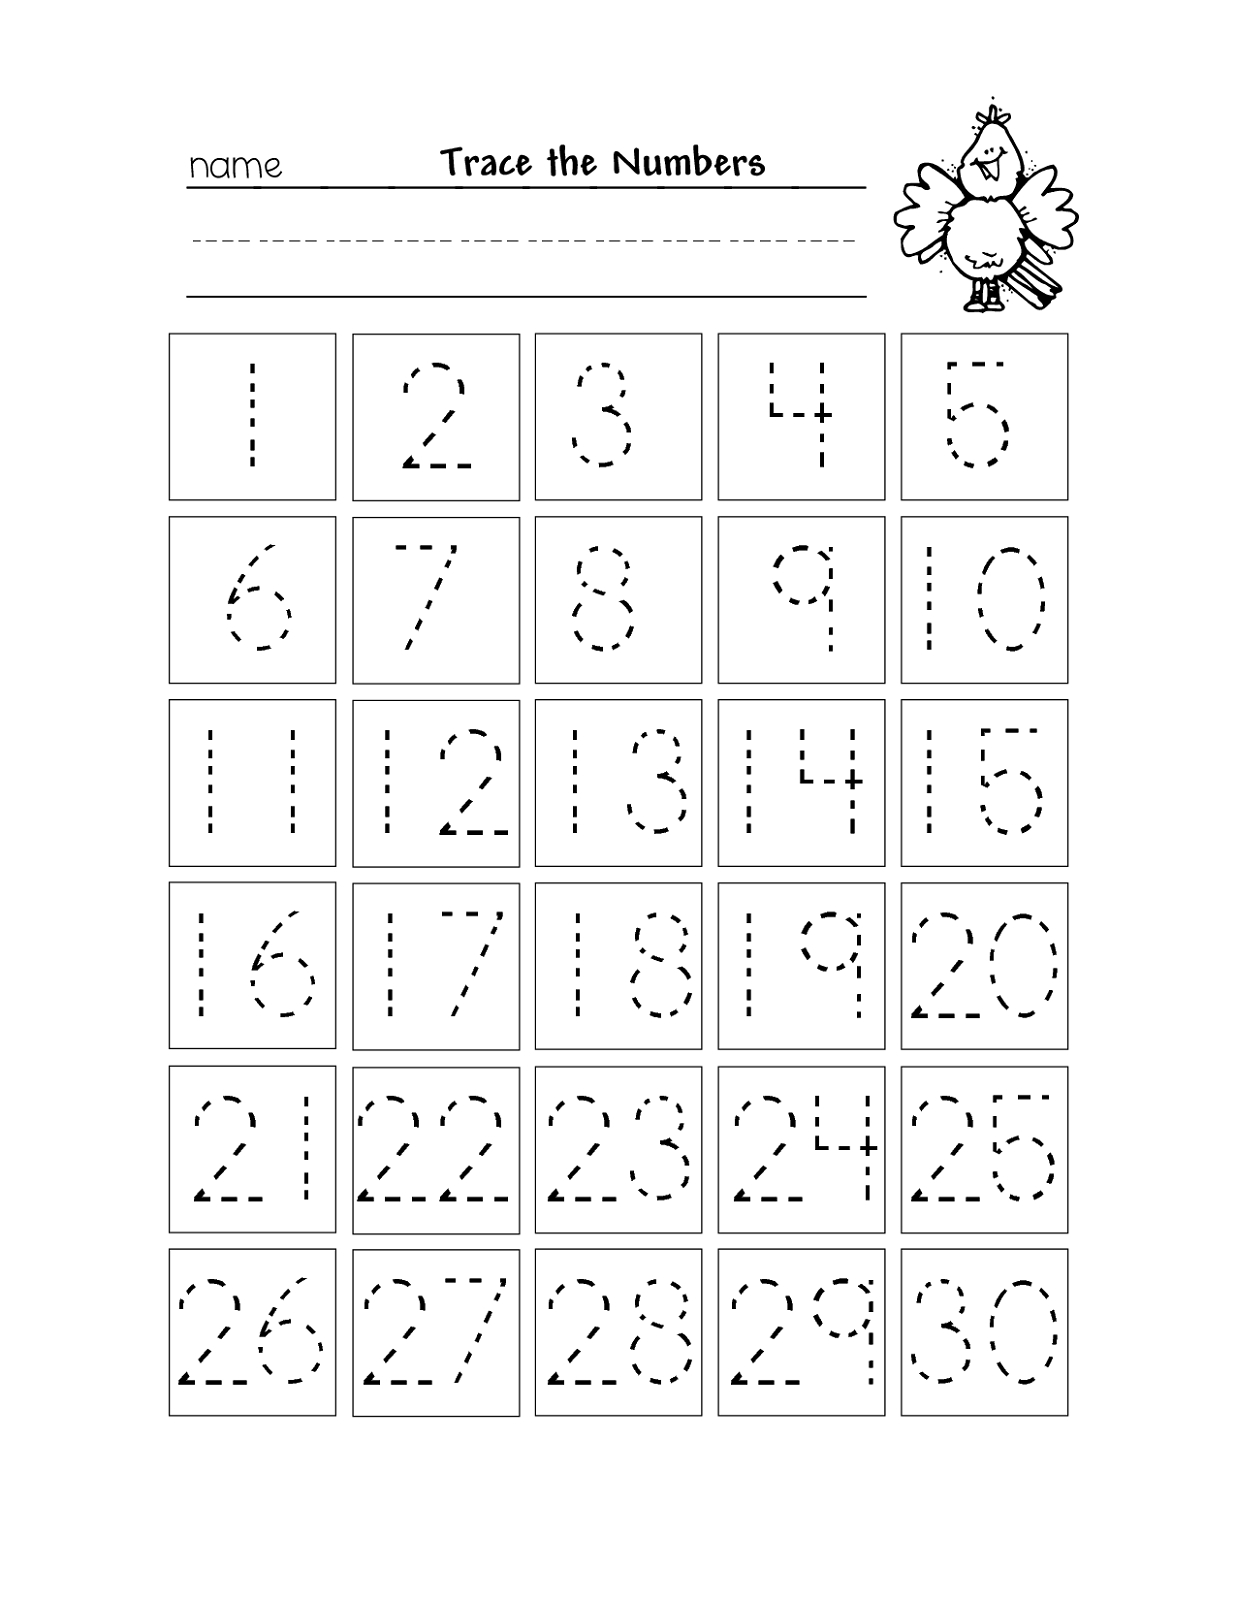 Free Printable Number Chart 1-30 | Kinder | Number Tracing - Free Printable Tracing Numbers 1 20 Worksheets